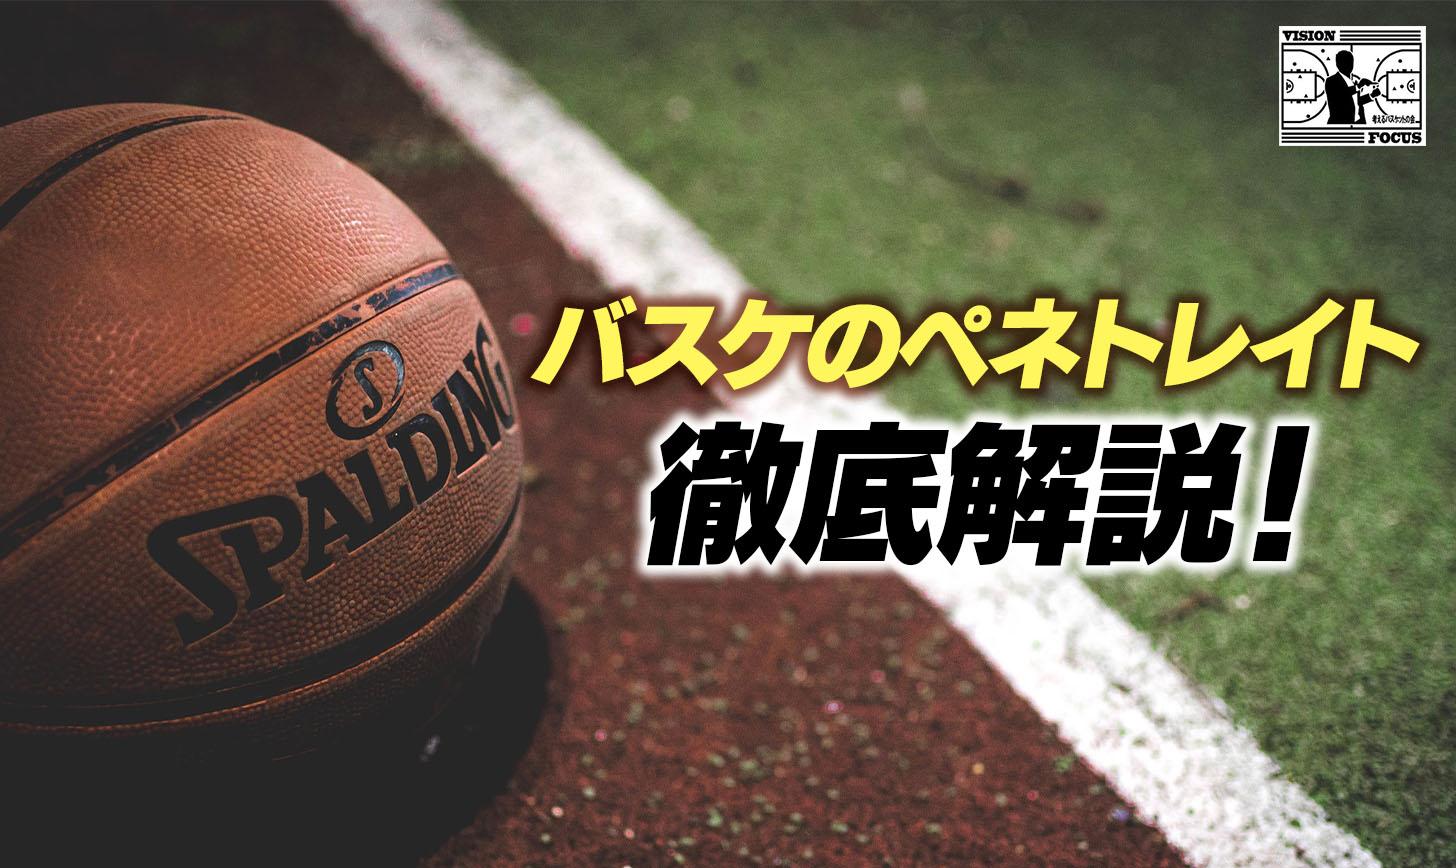 【完全保存版】バスケのペネトレイトの意味やコツを徹底解説!